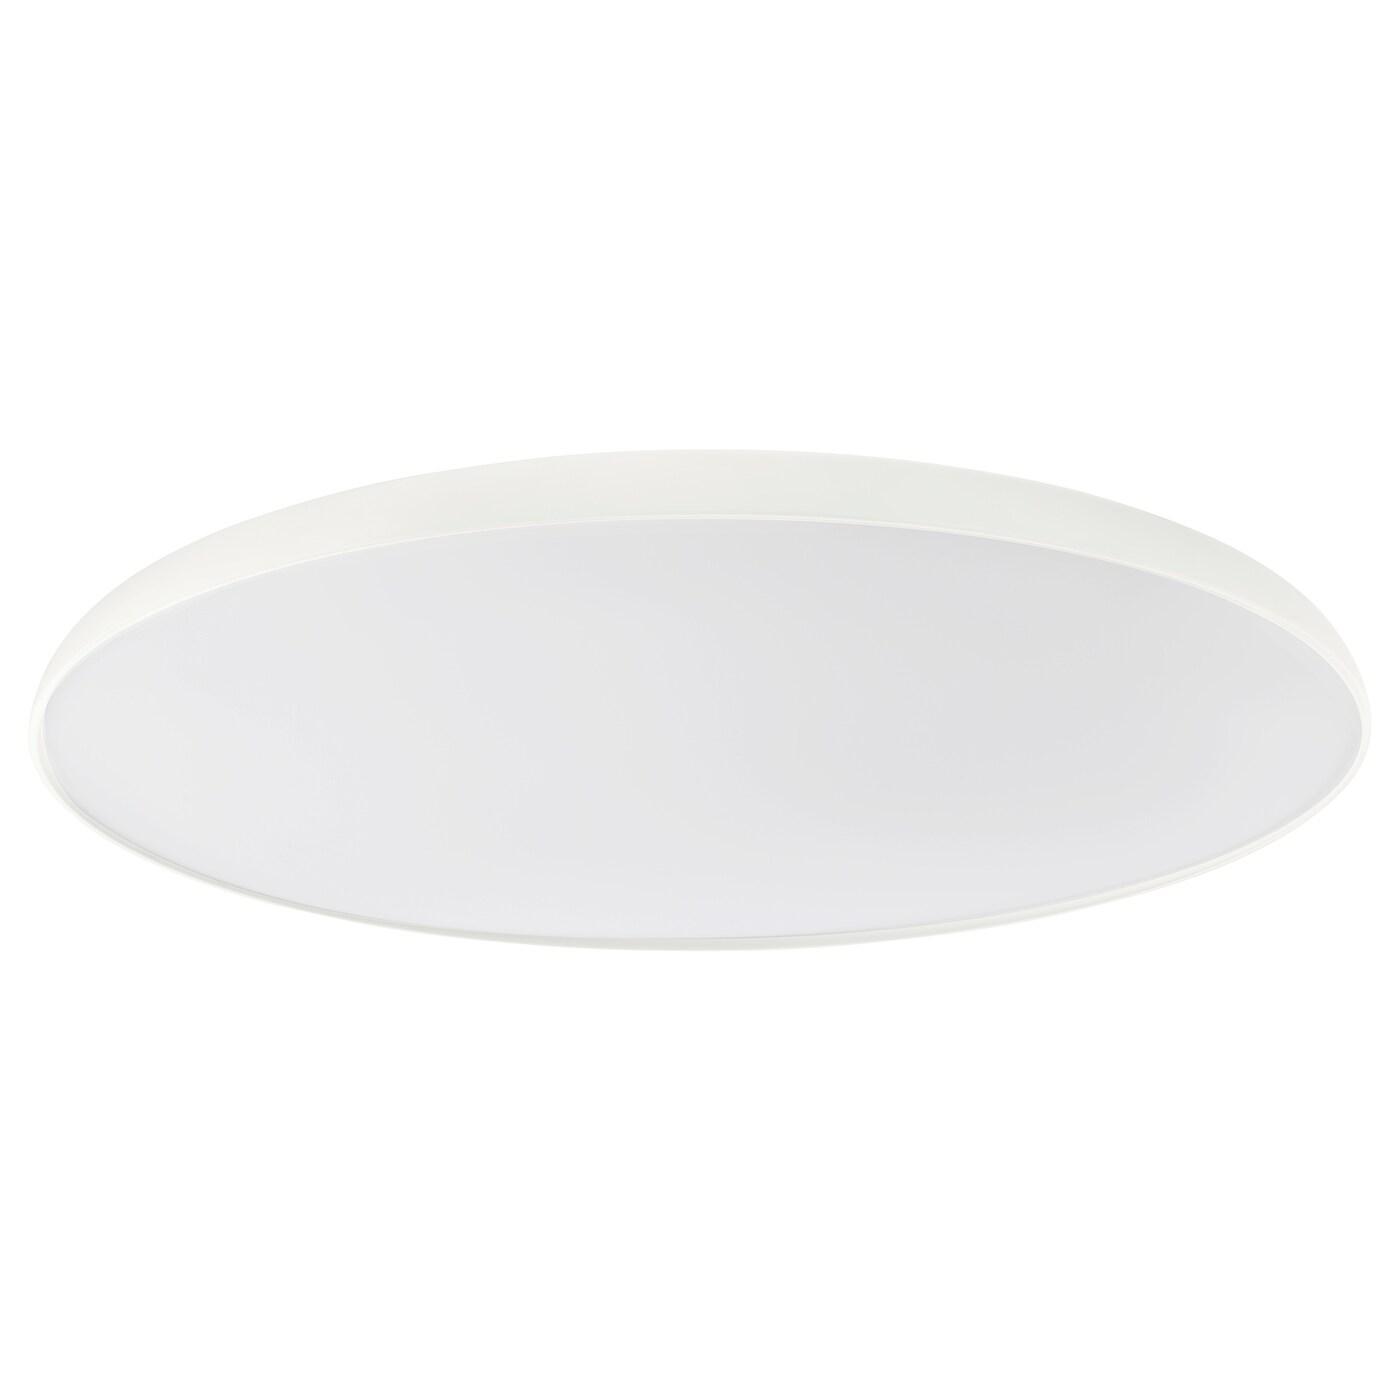 NYMÅNE Deckenleuchte, LED weiß